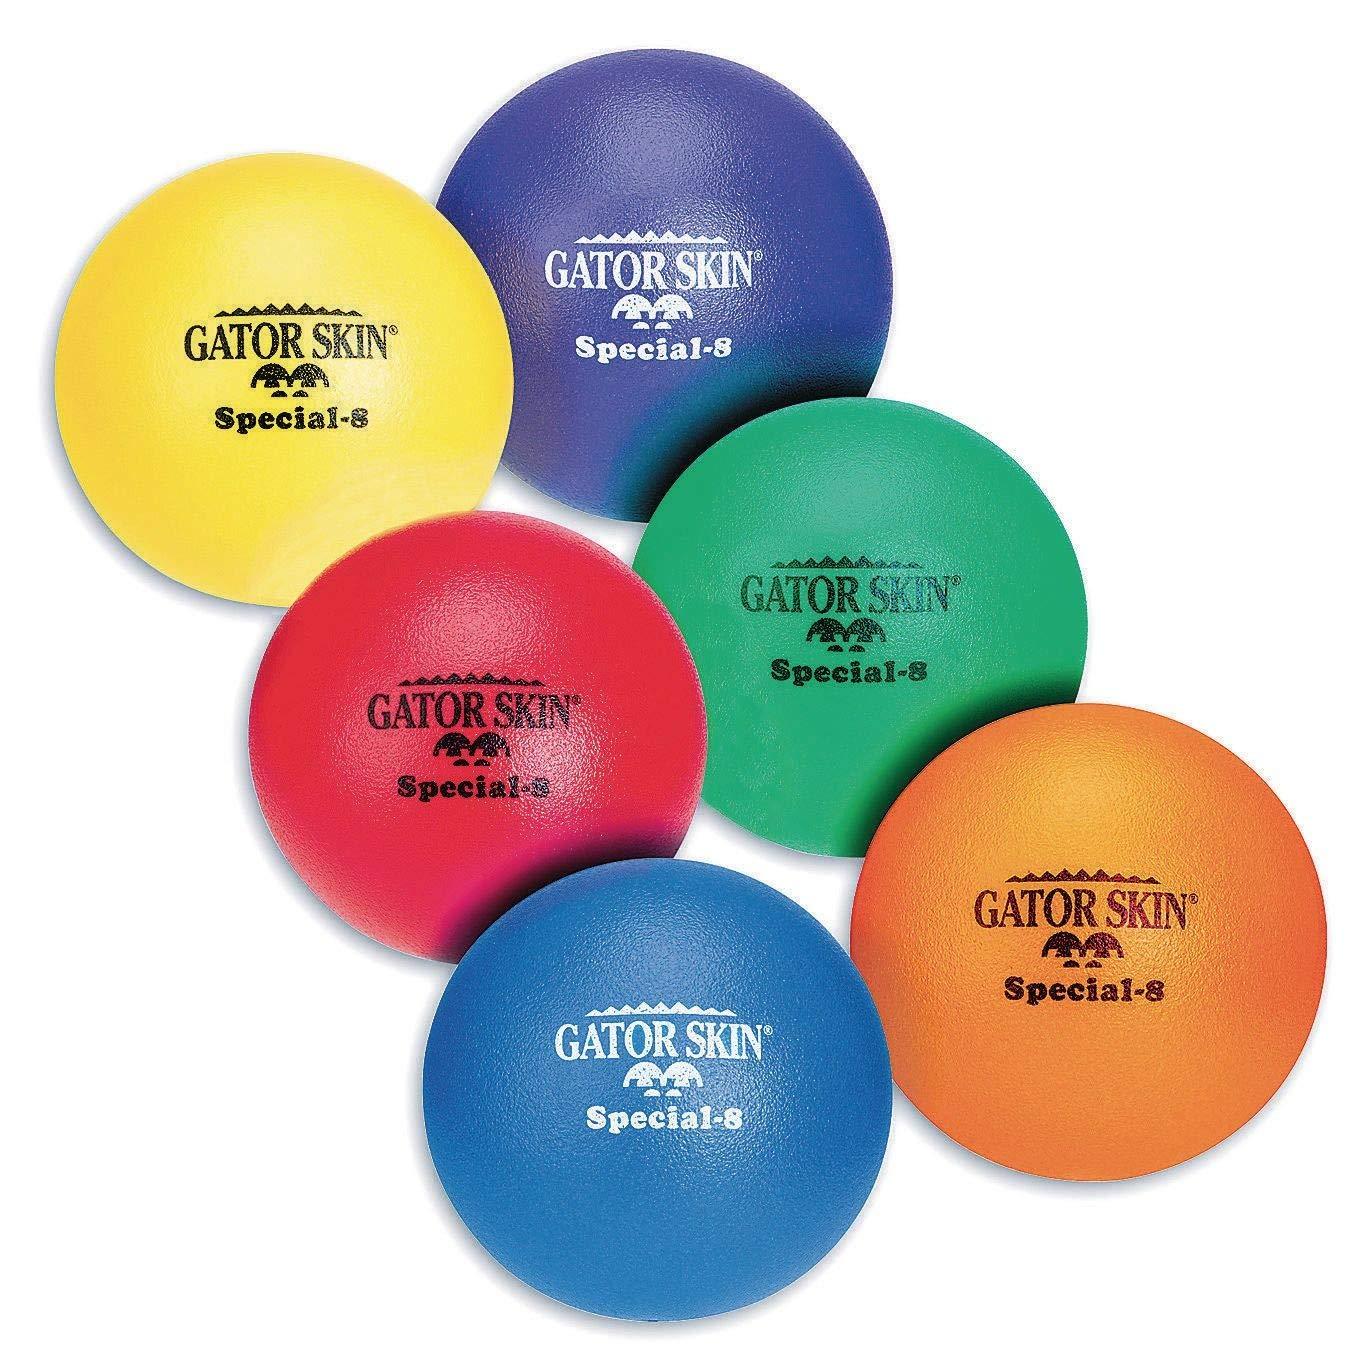 S&S Worldwide UA014-6C 8'' Gator Skin Special Foam Balls (Pack of 6) by S&S Worldwide